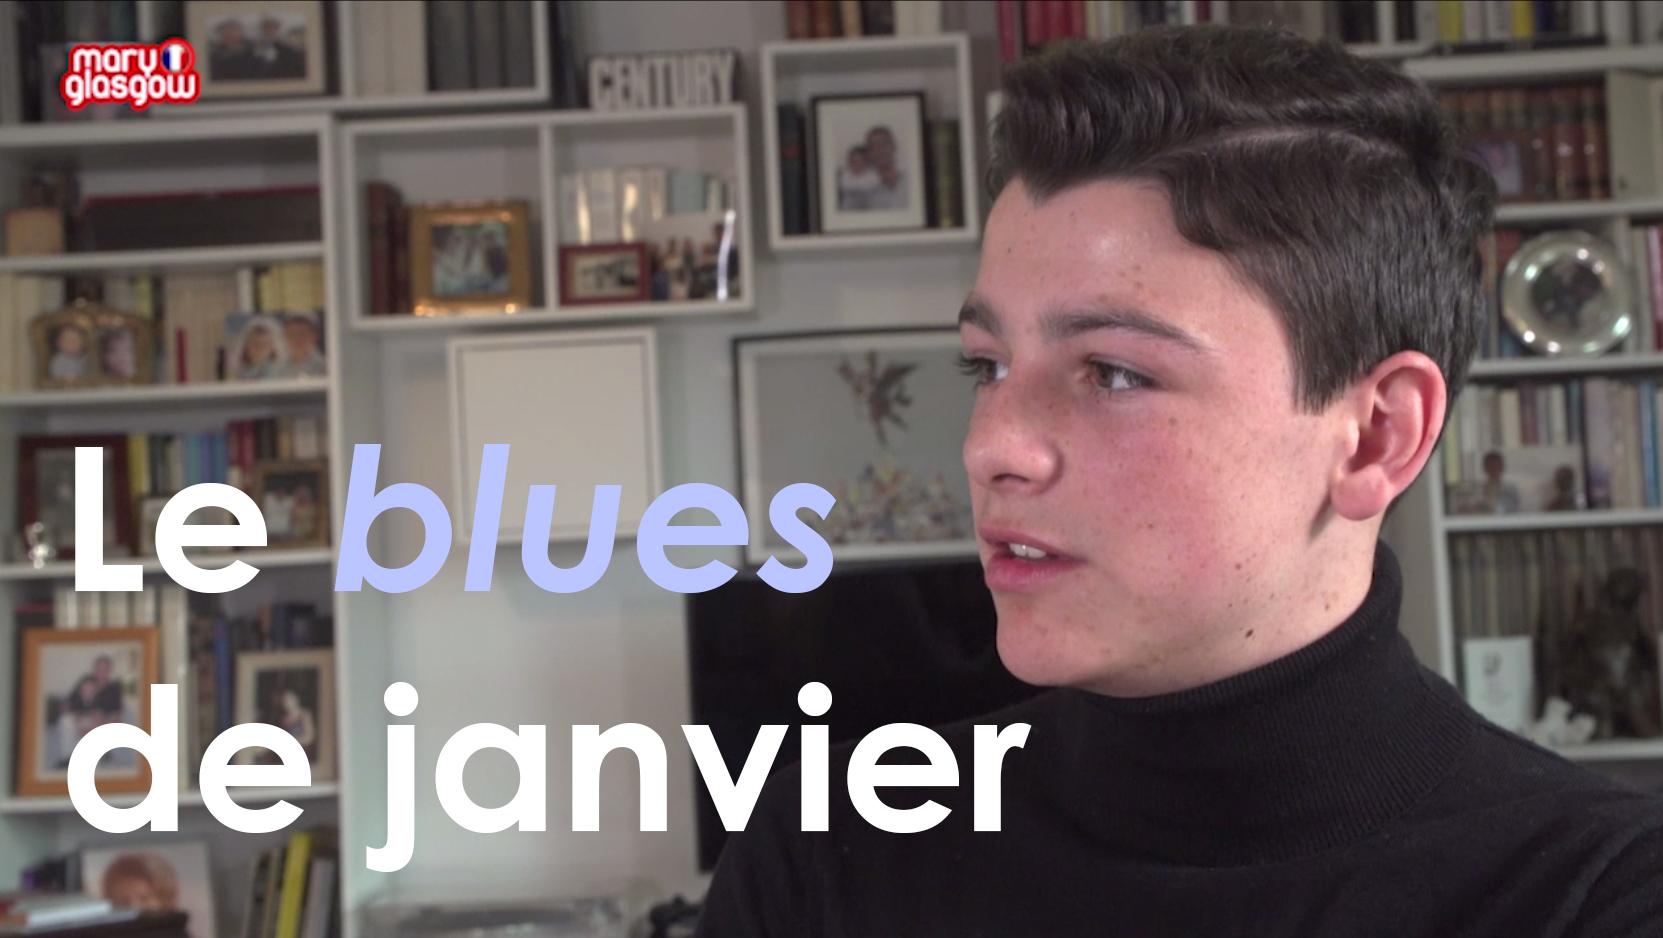 Le blues de janvier screenshot